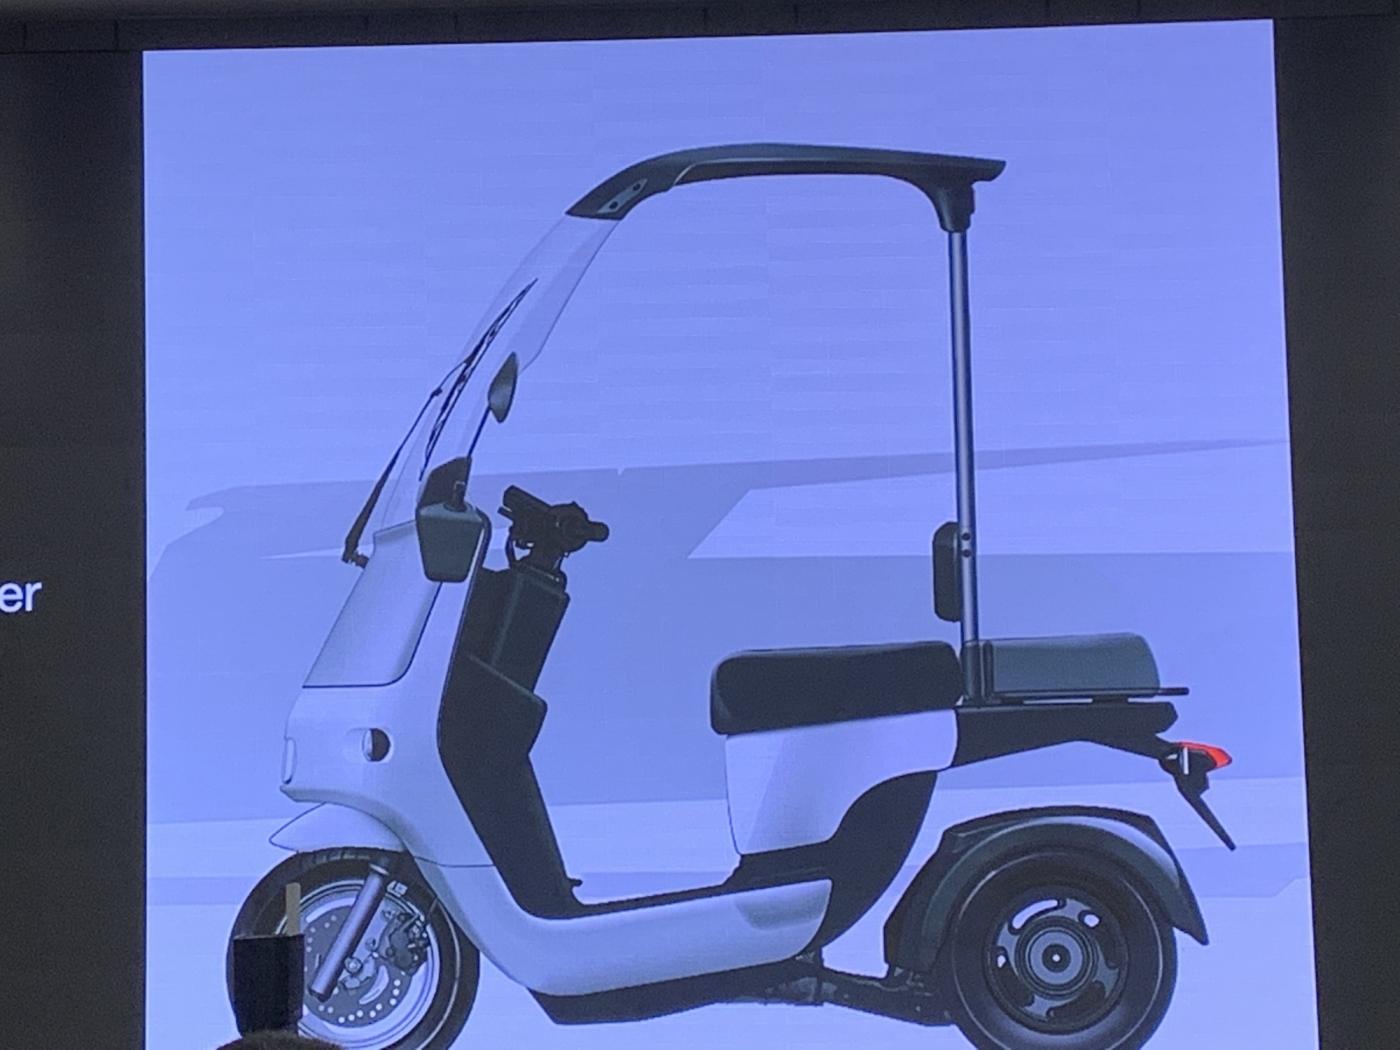 宏佳騰推智慧「電動三輪車」,看準外送、物流需求大漲,還有什麼新奇設計?